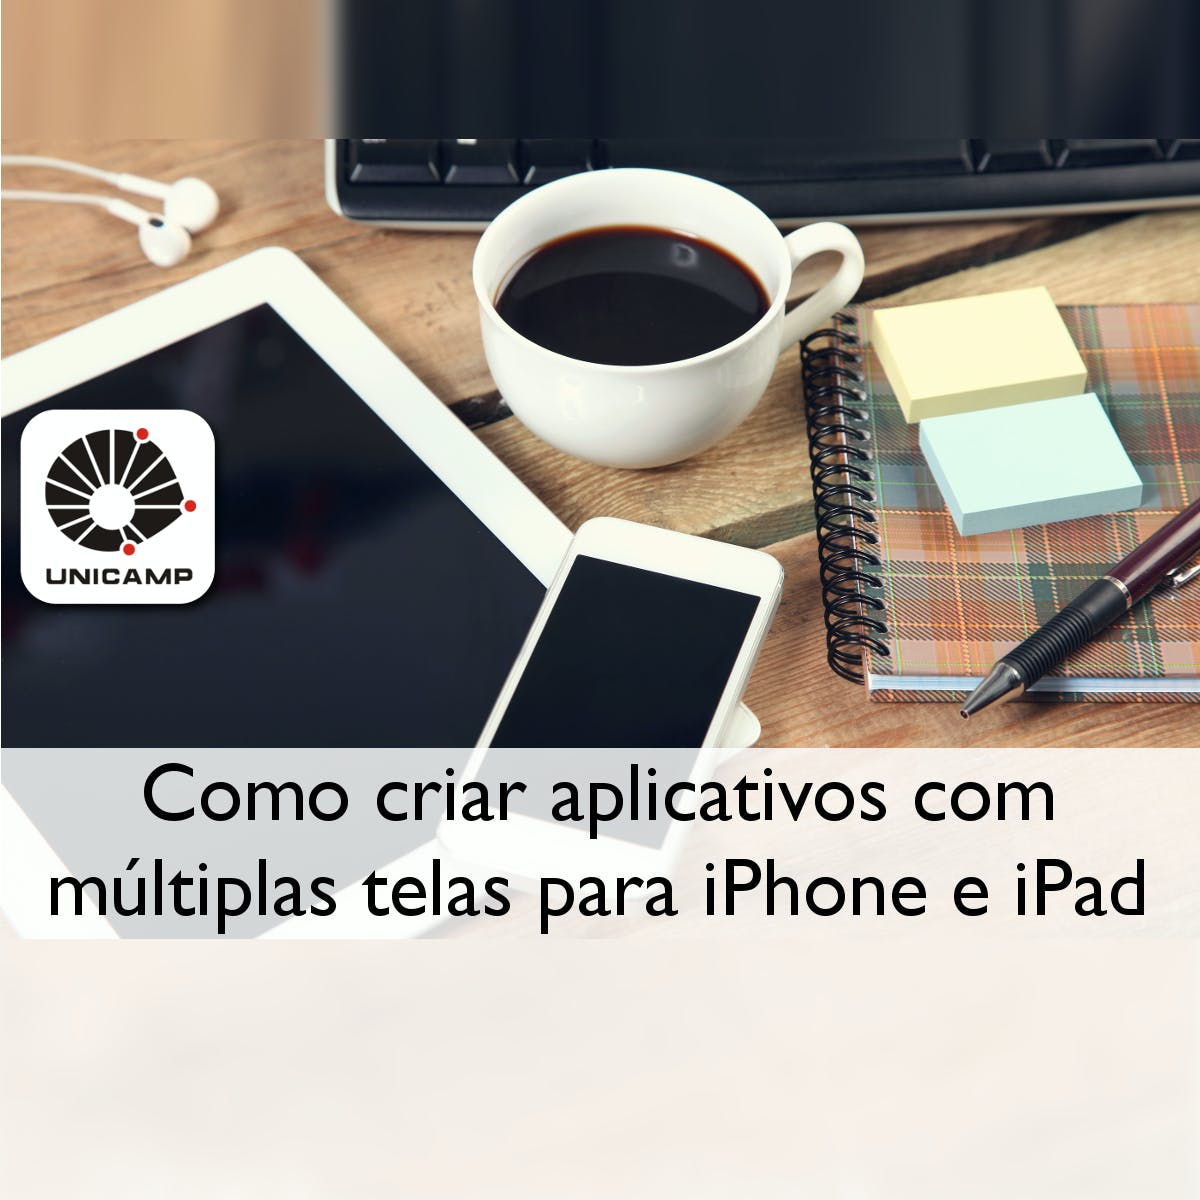 Como criar aplicativos com múltiplas telas para iPhone e iPad